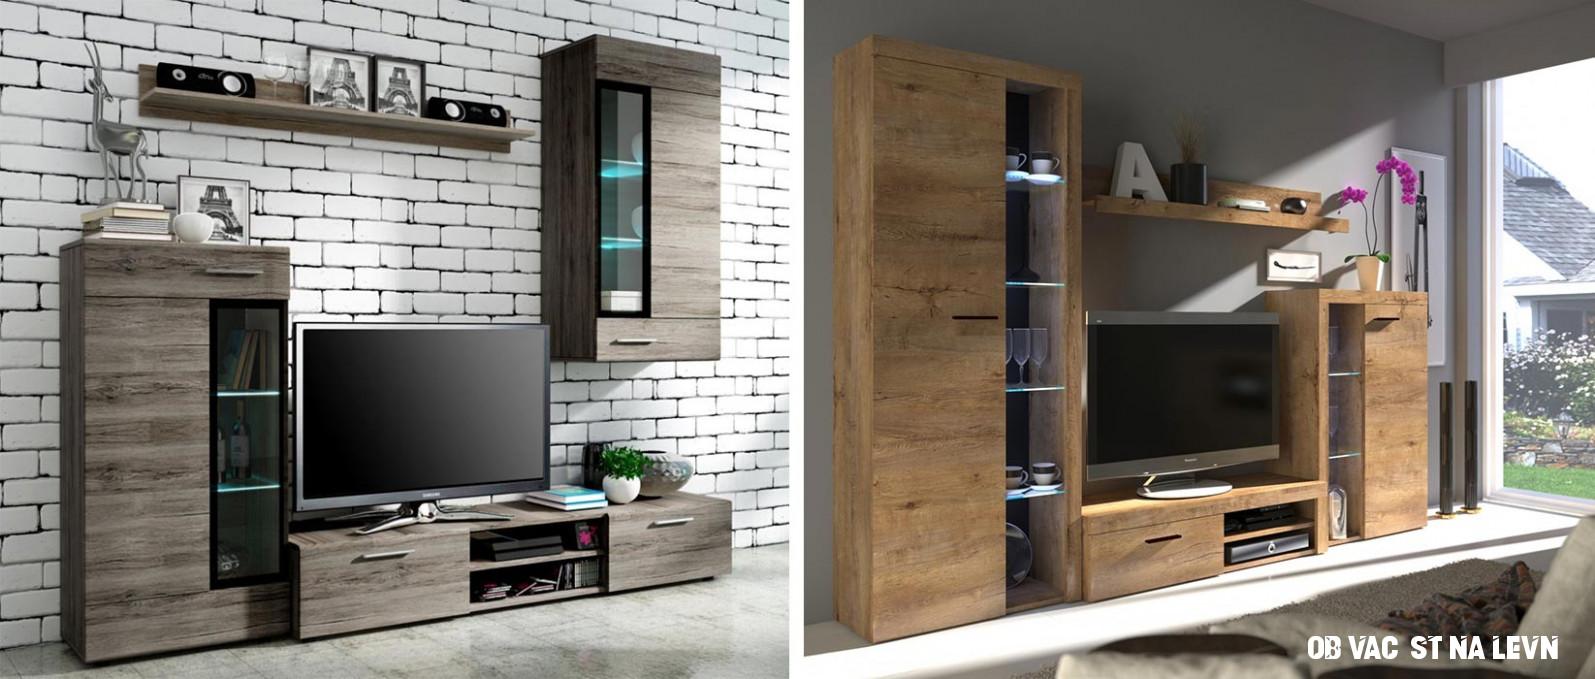 Obývací stěna levně